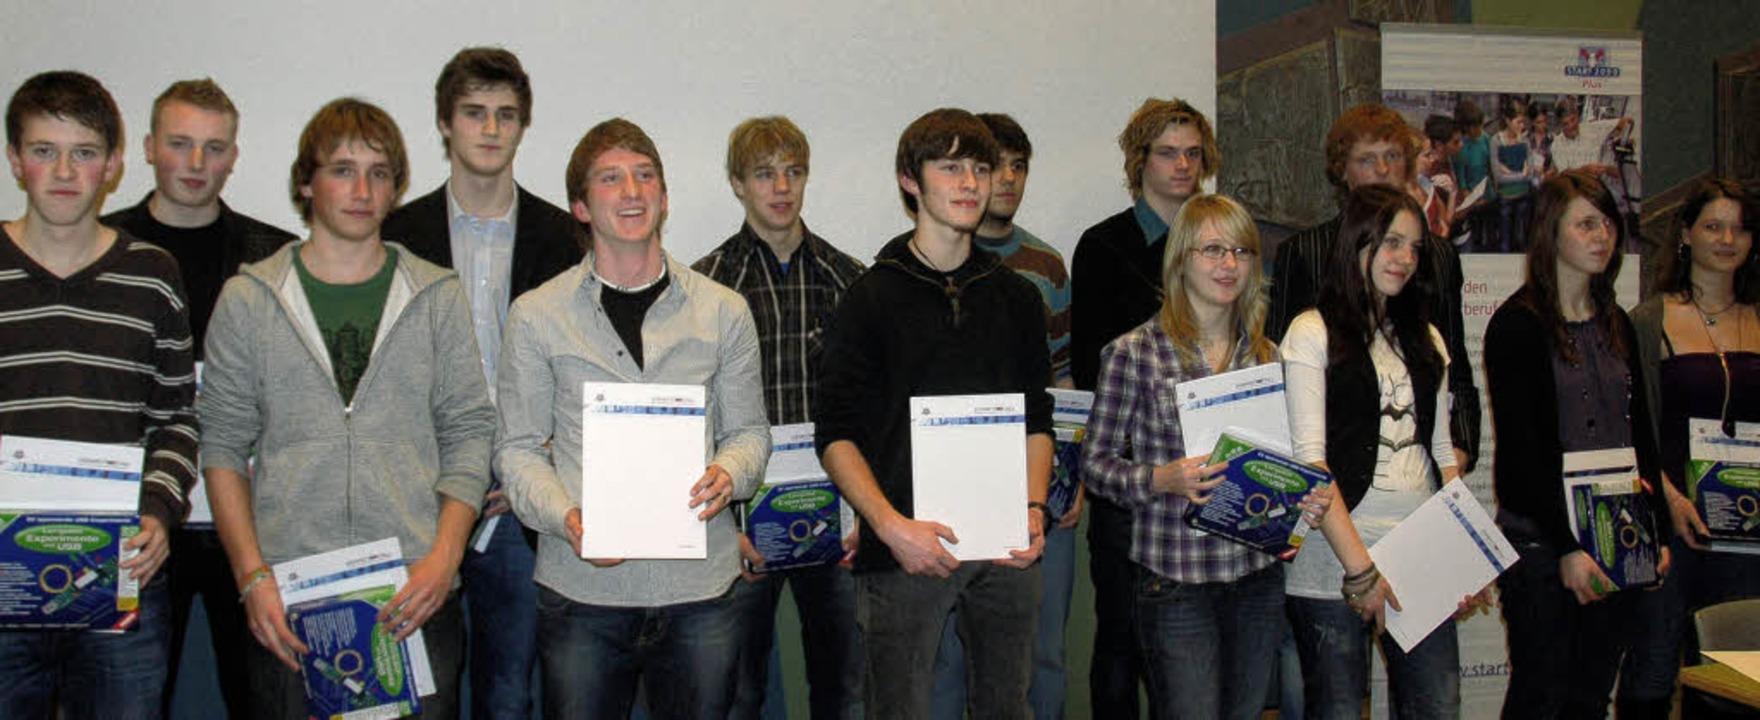 Diese 14 Schüler und Schülerinnen des ...adt erfolgreich  abgeschlossen haben.   | Foto: annemarie zwick